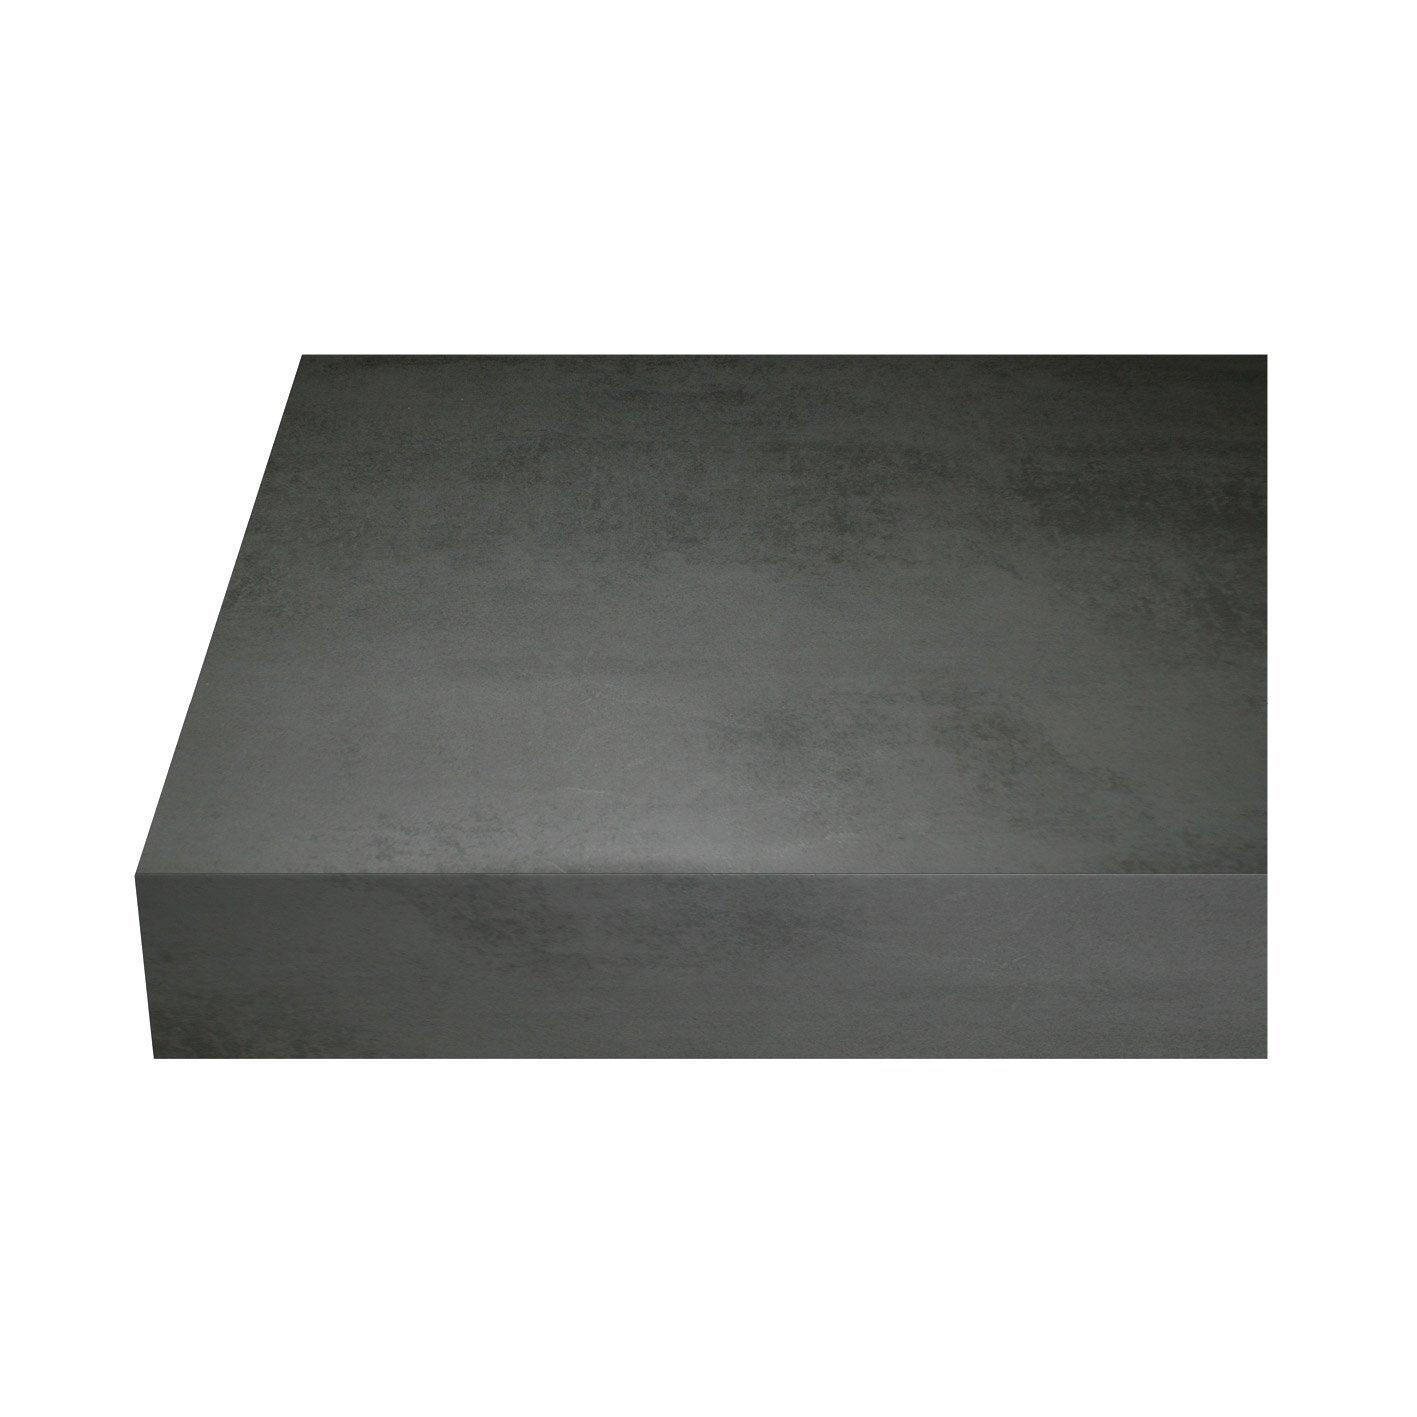 Plan de travail stratifié Beton cire fonce Mat L.315 x P.65 cm, Ep.38 mm